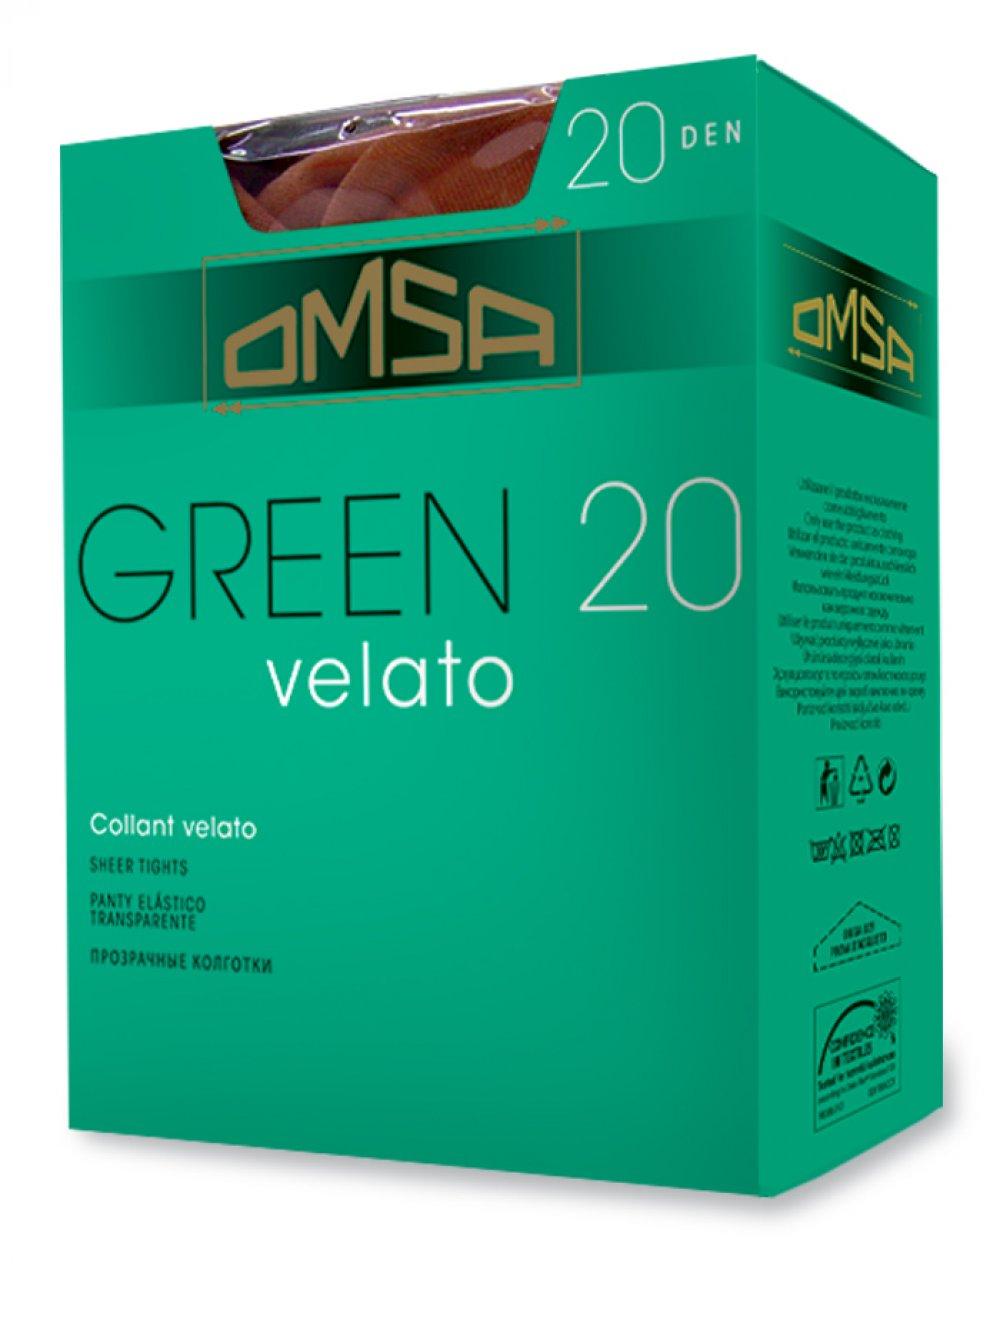 GREEN COLLANT 20 DEN VELATO OMSA